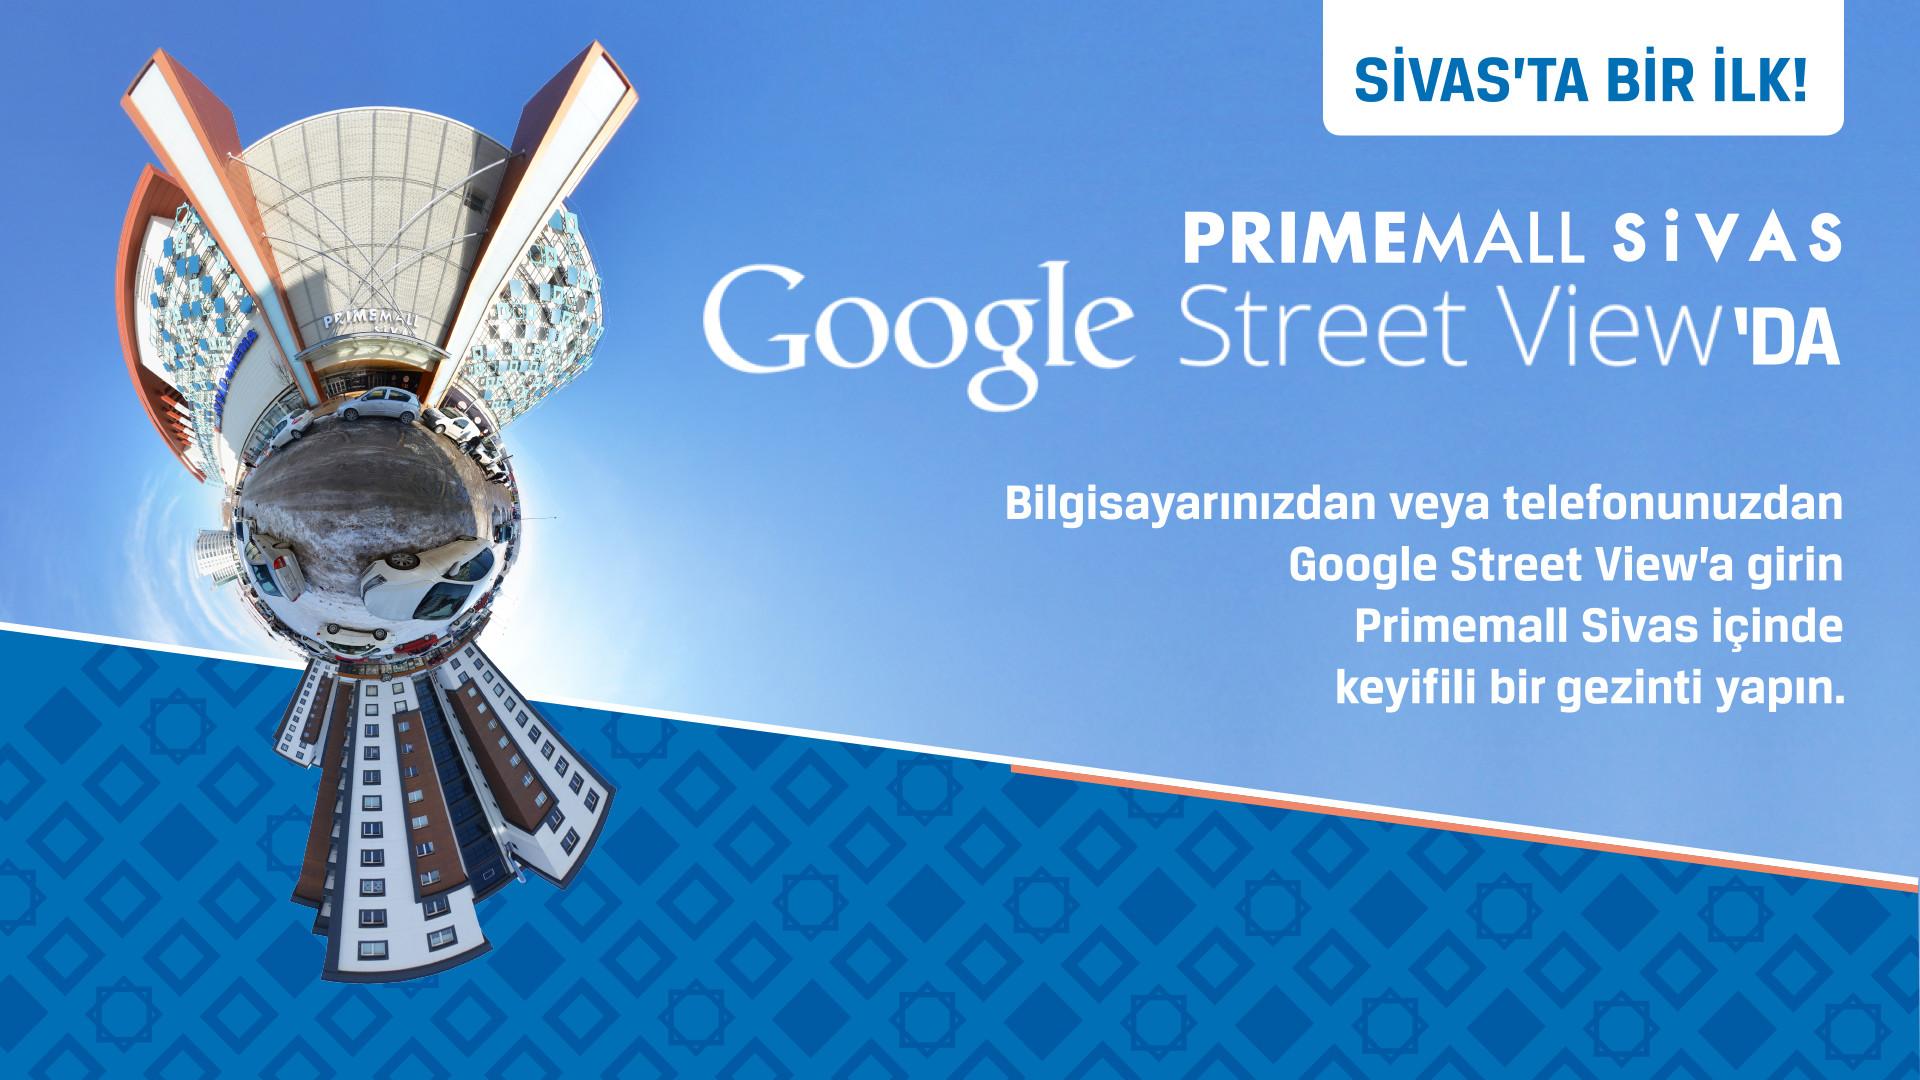 Primemall Sivas Google Sreet View'da